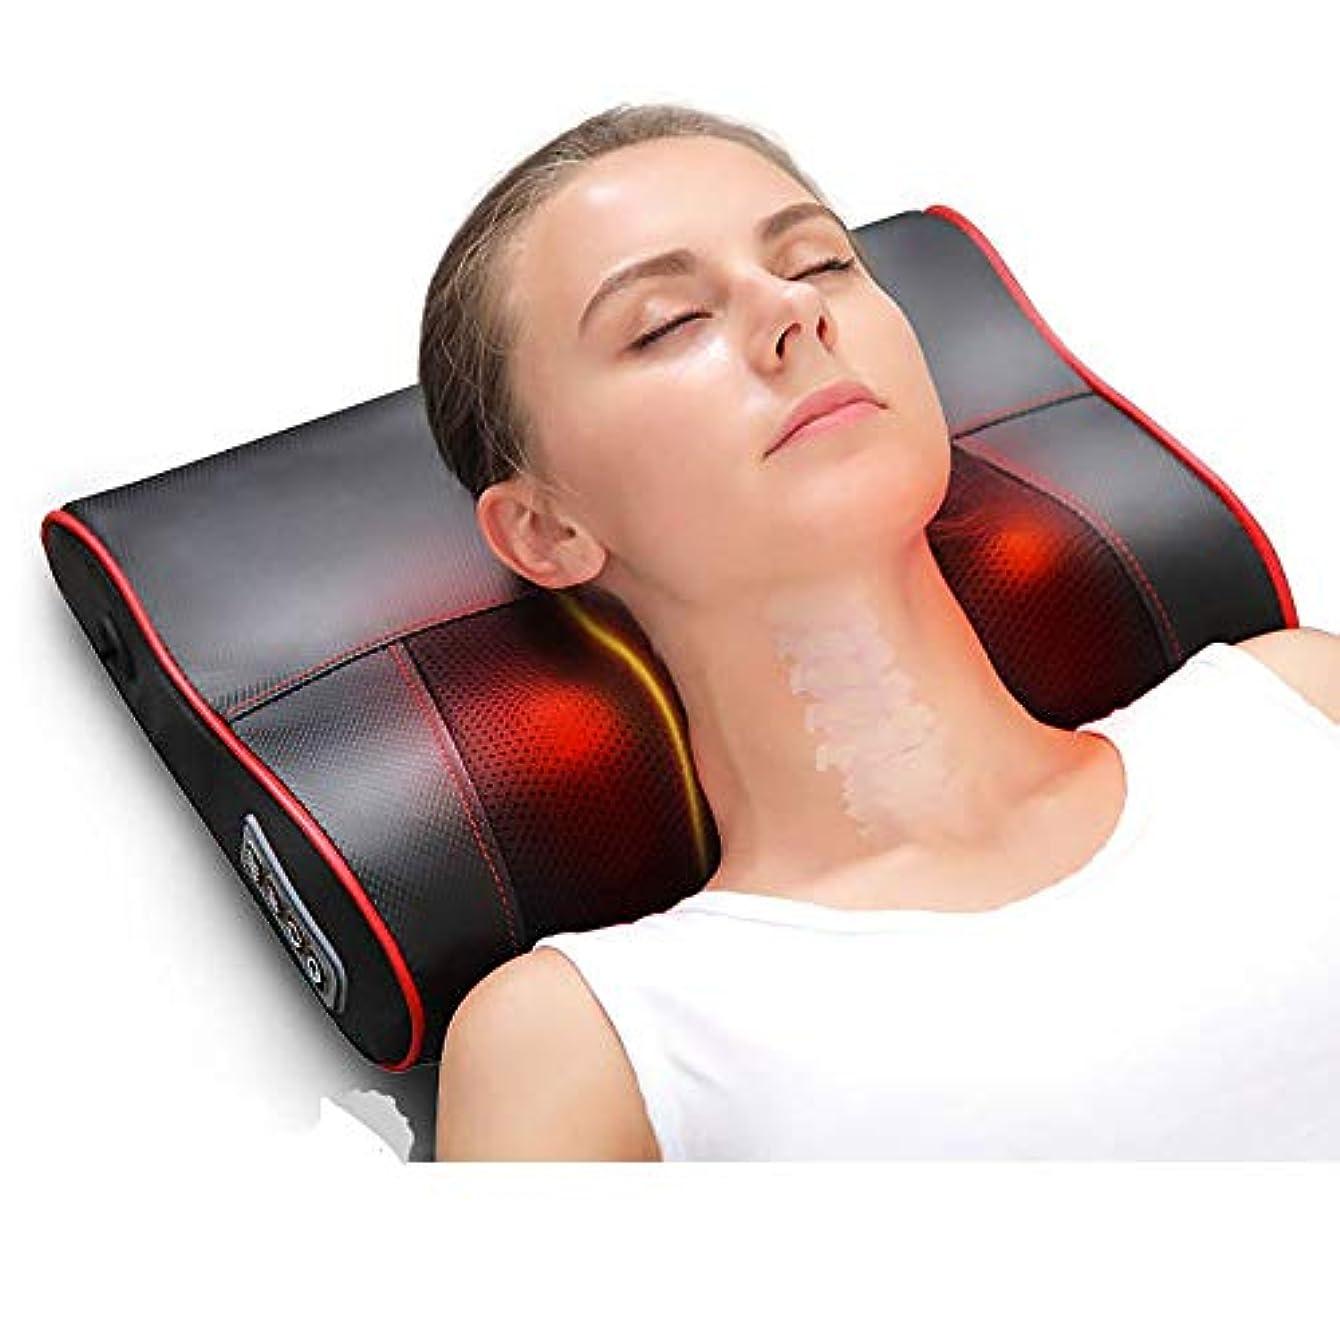 忌避剤トイレウガンダ首のマッサージの枕、多機能の電気マッサージャーの首のマッサージャーの背部首のマッサージの枕クッションのための背部ふくらはぎの足のフィートの暖房家/オフィス